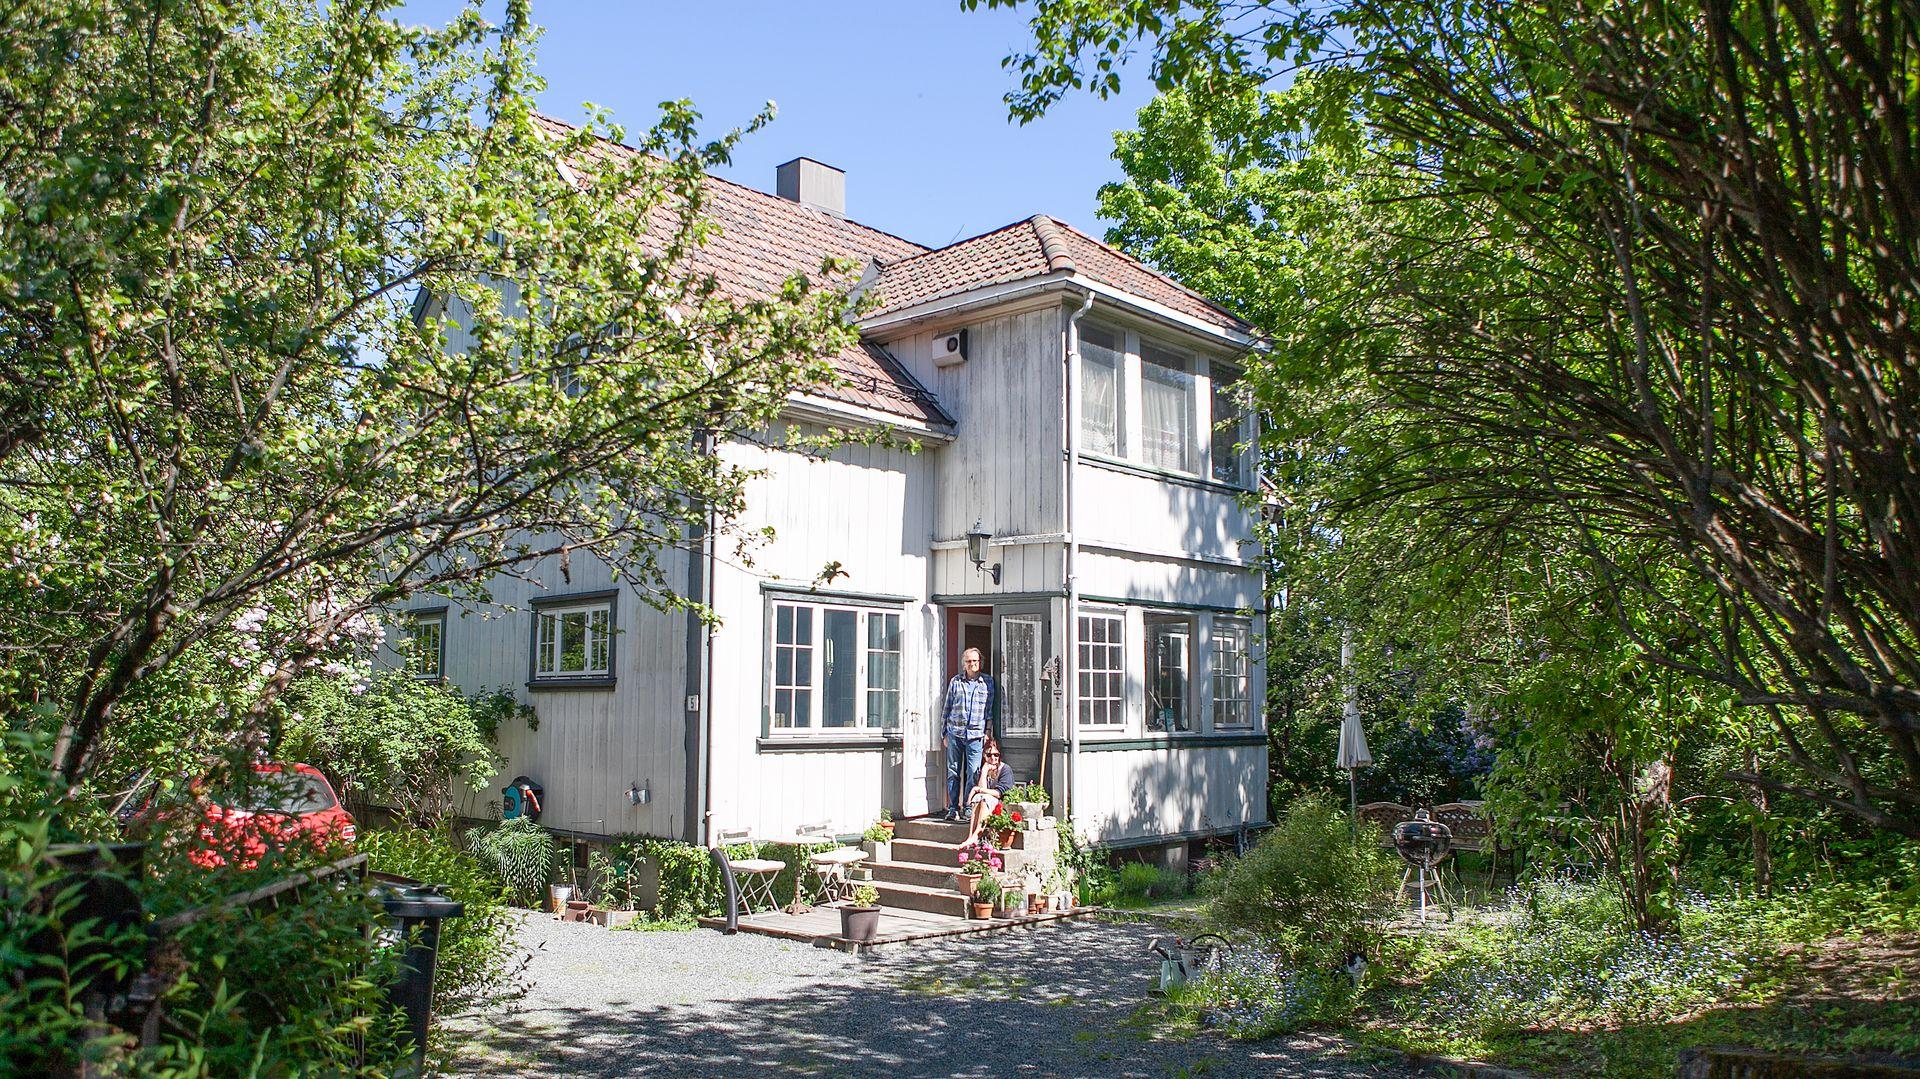 I 2016 fikk ekteparet Inger Frogg Jørgensen og Pål Herman Christiansen beskjed om at huset deres måtte rives på grunn av E18-utbyggingen.